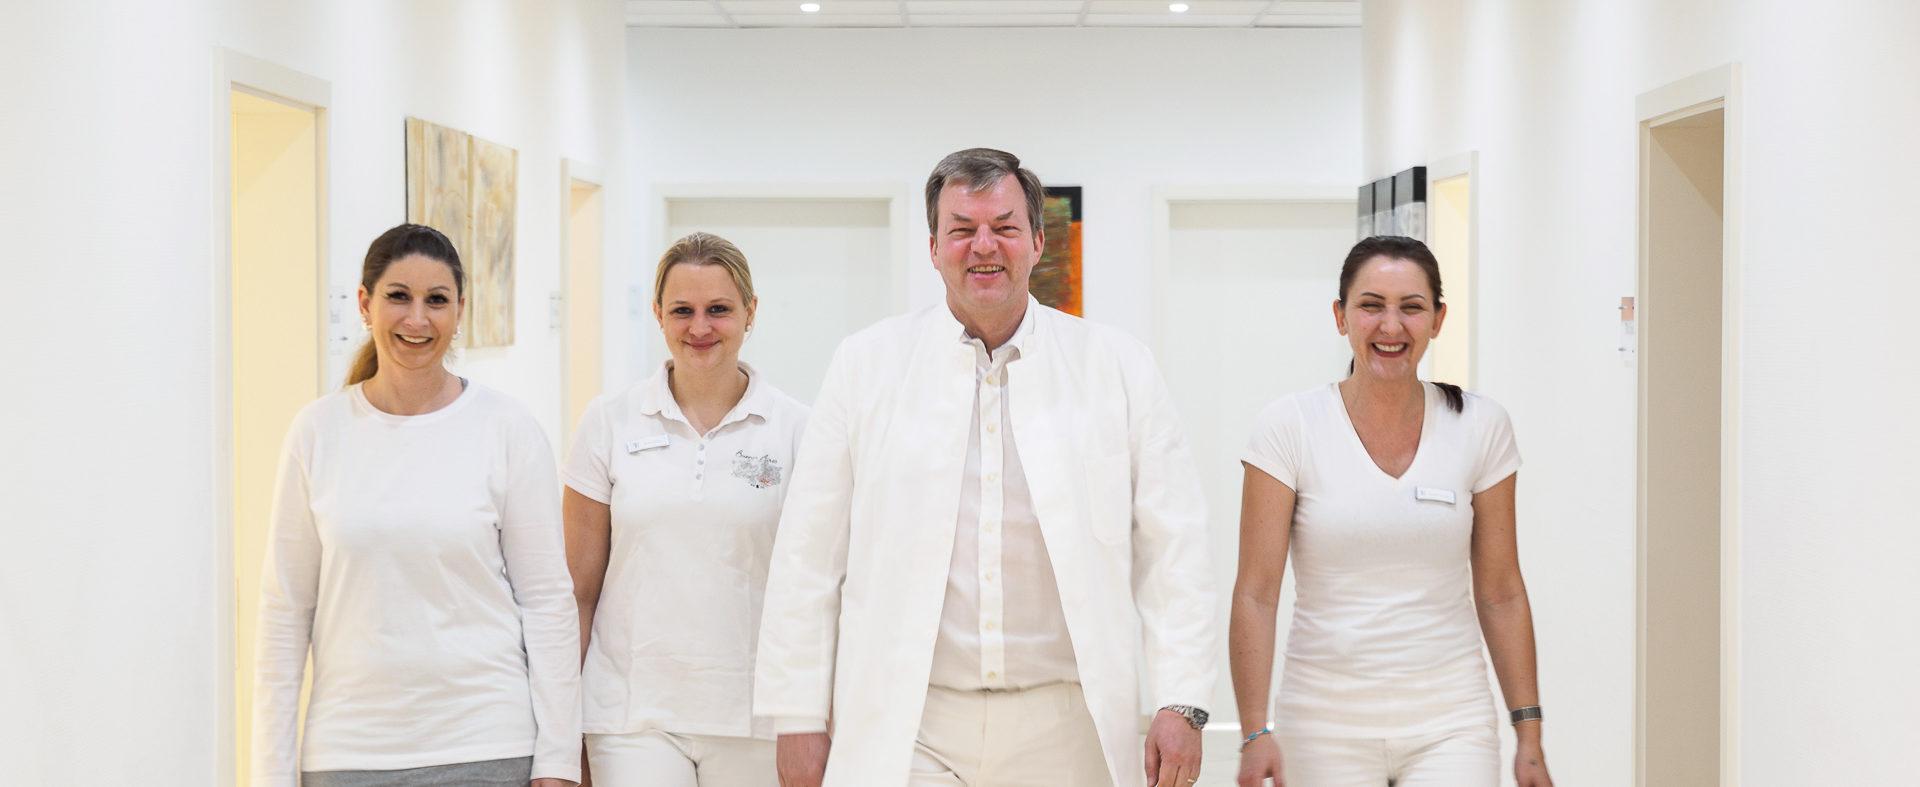 Dr-Feyder-und-Team-Flur